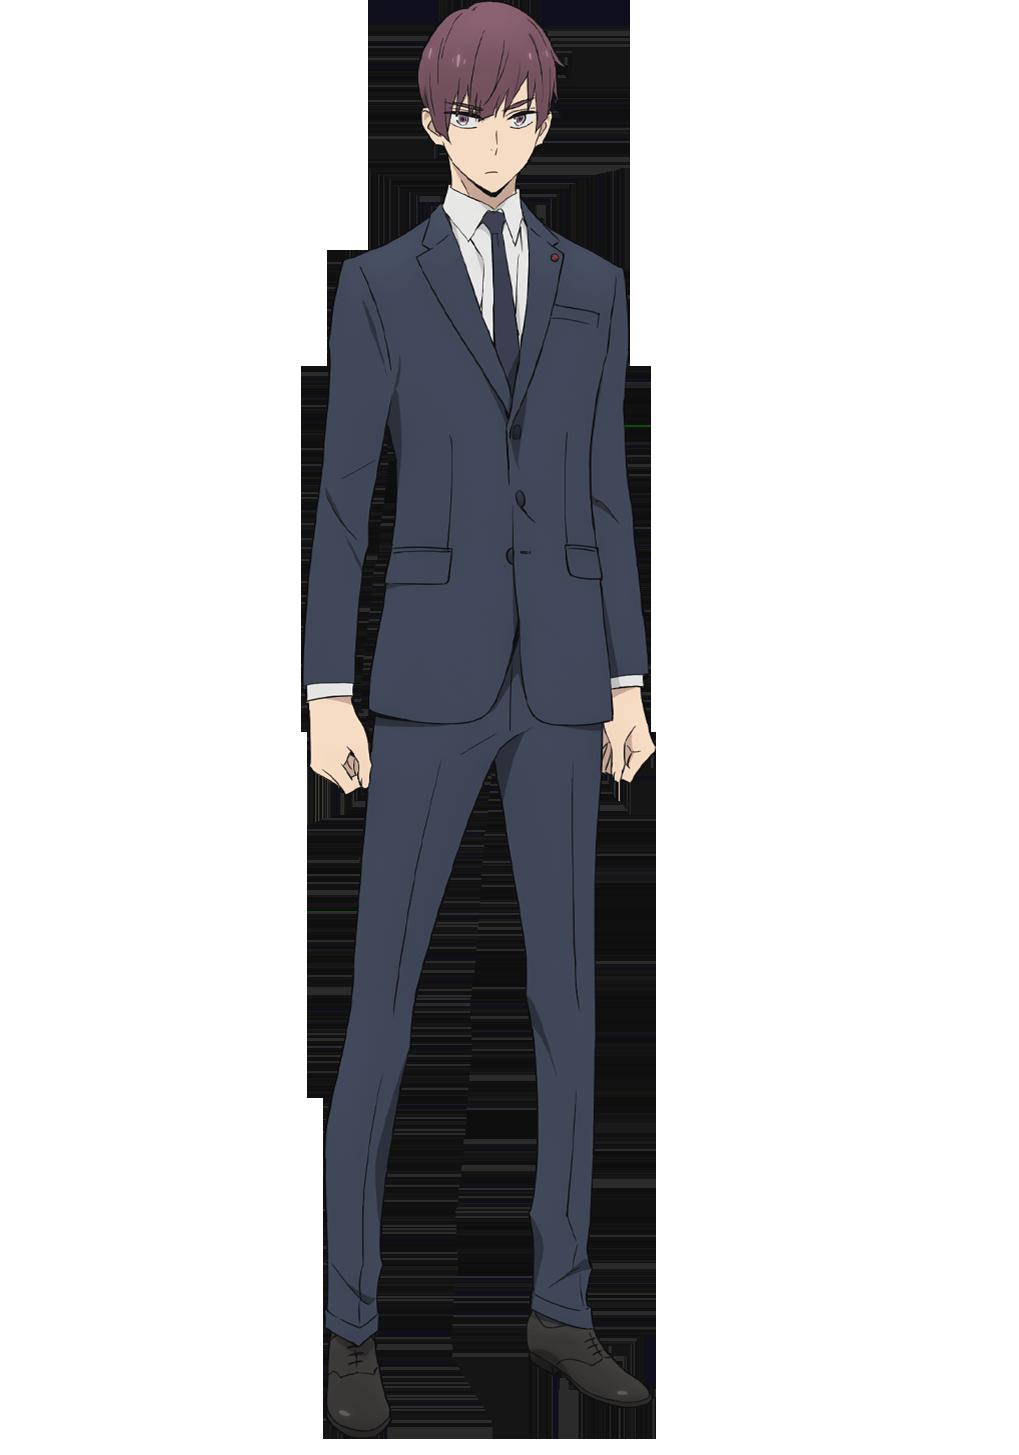 Ryo Hoshino